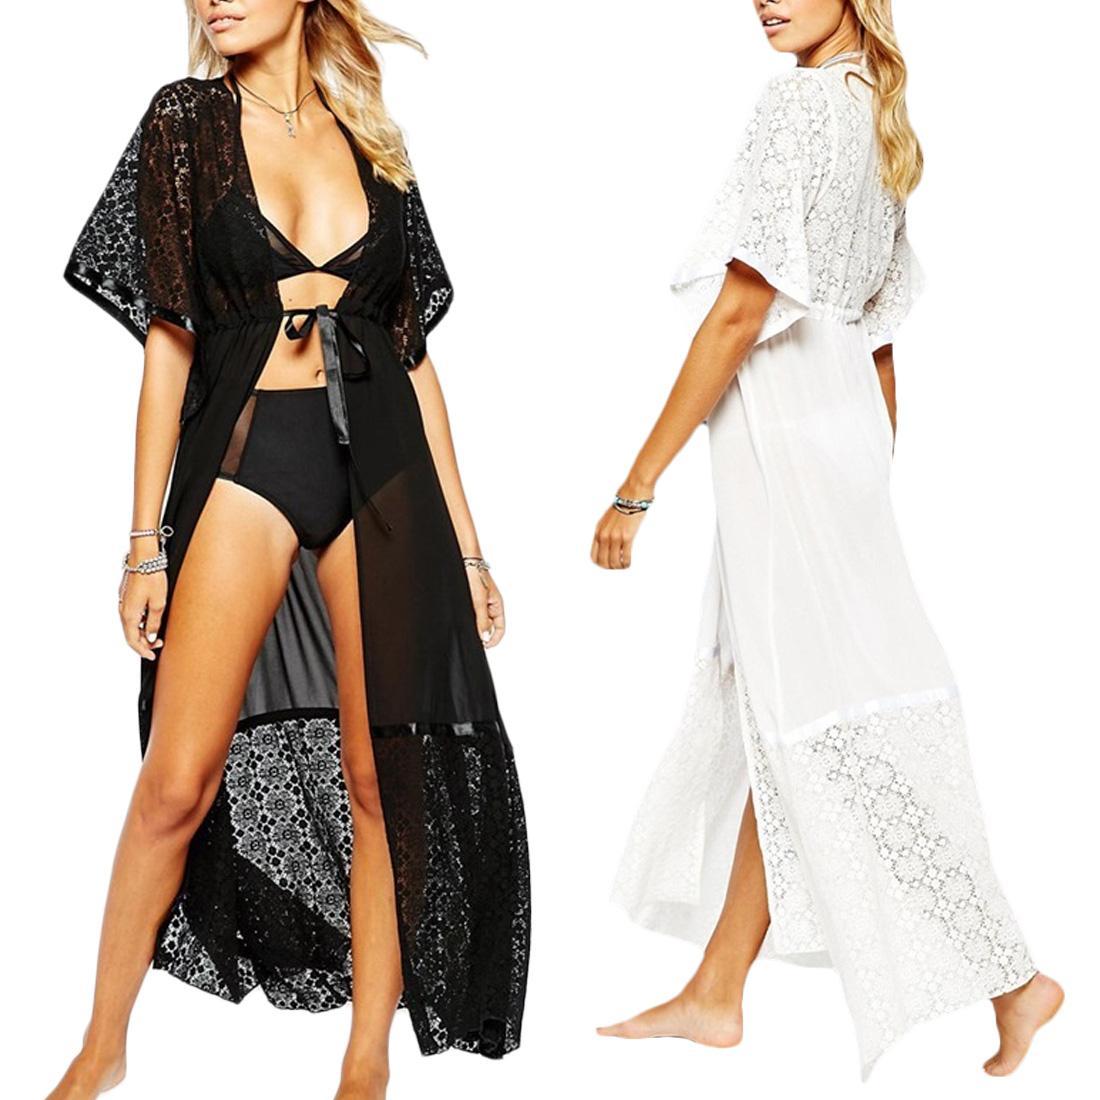 Pareo-Strandabnutzung 2018 vertuschen Chiffon-Robe Plage Kaftan Kleid Pareos für Frauen Strandtunika Sarong Badeanzug Robe de Plage